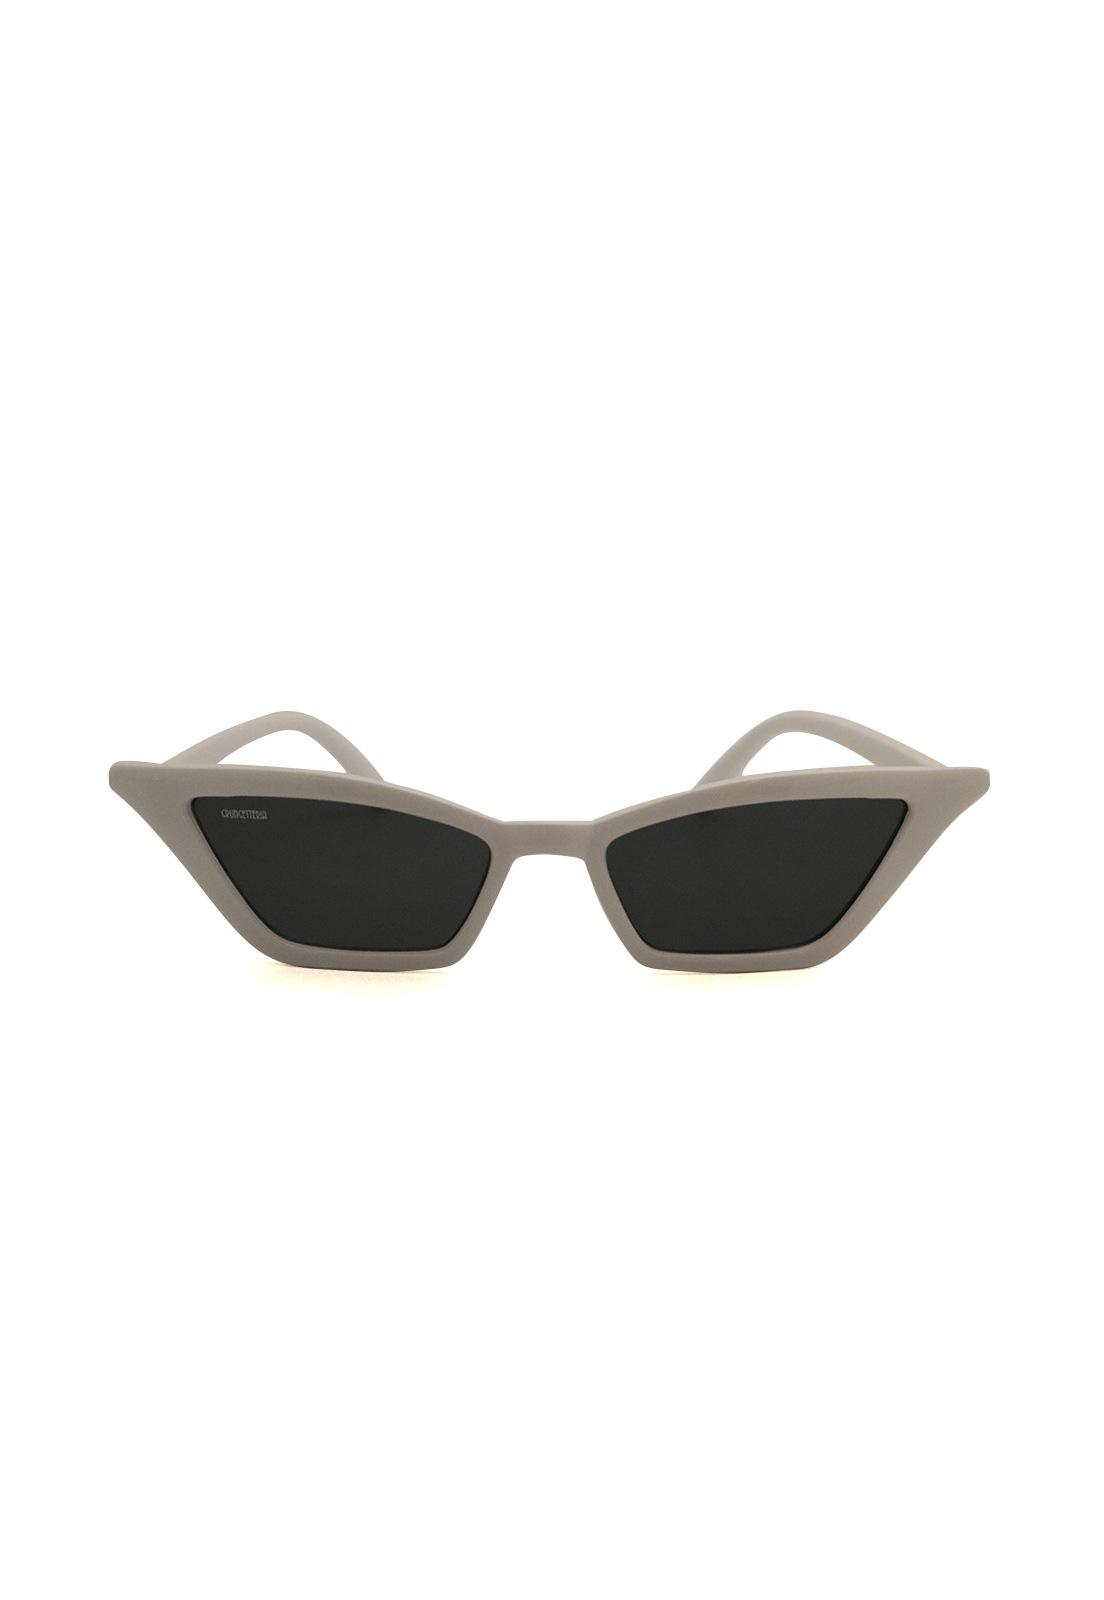 Óculos de Sol Grungetteria Devil's Cat Branco